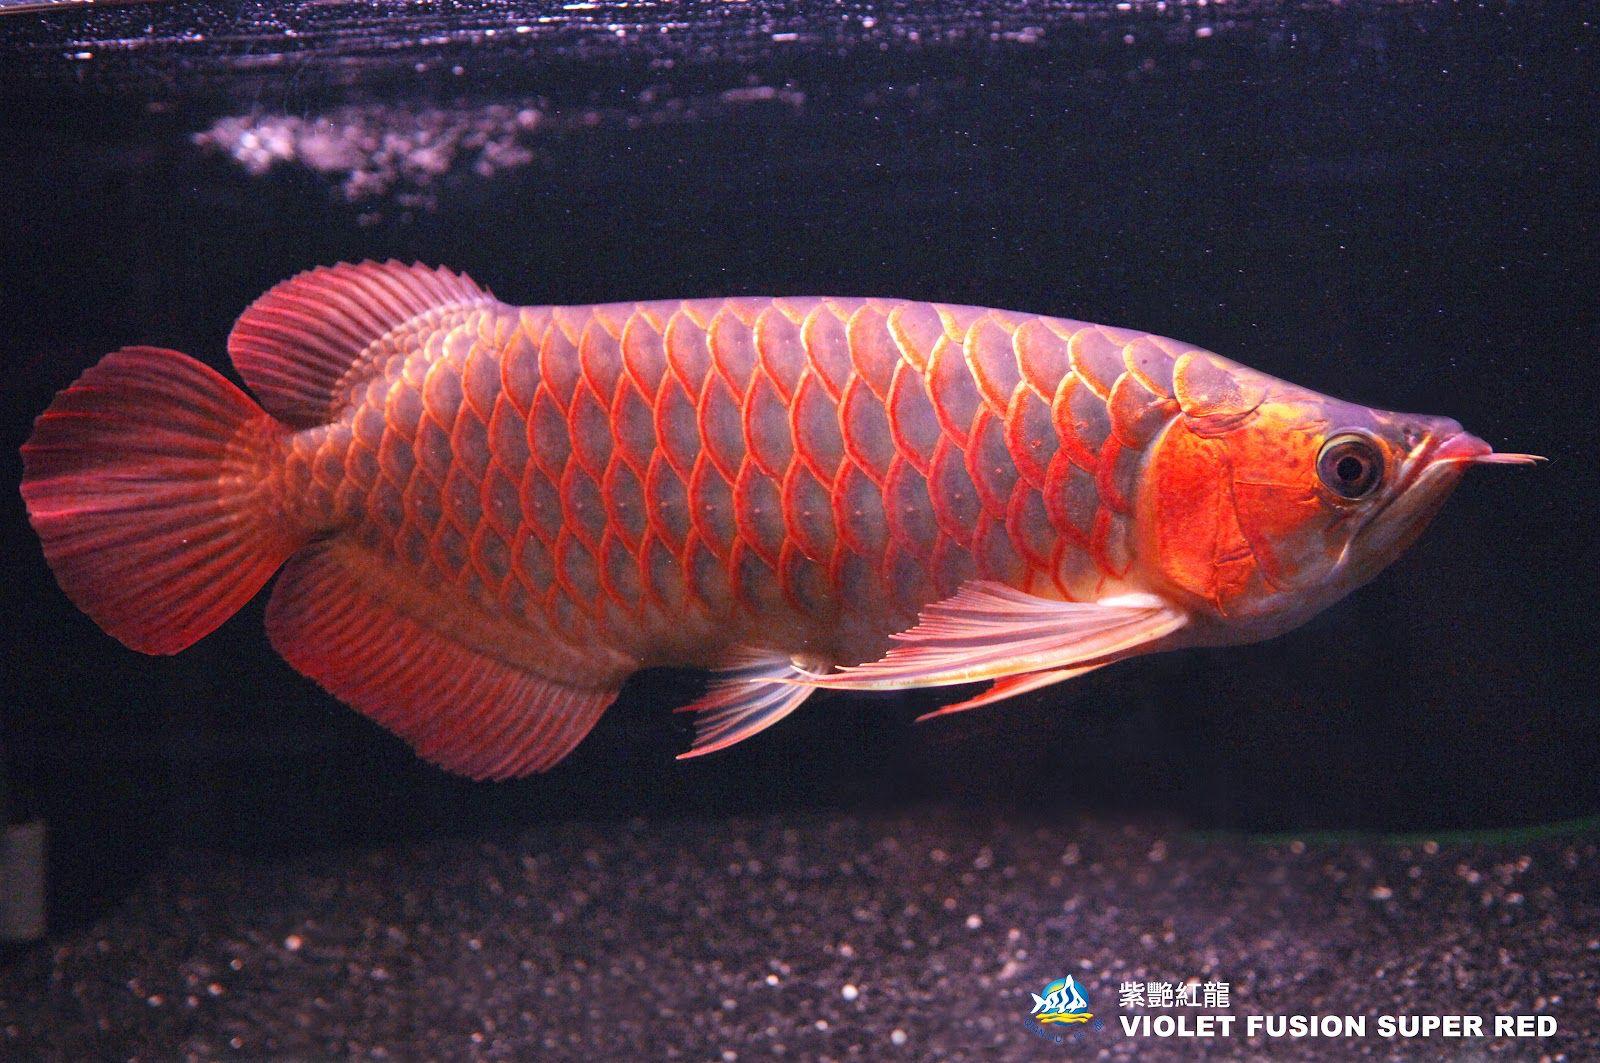 Image From Http 2 Bp Blogspot Com Vwpsupws6ou T8xf0ruucci Aaaaaaaaaci Ynoxr Zgtaa S1600 Dsc 00651 Jpg Stingray Fish Fish Dragon Fish